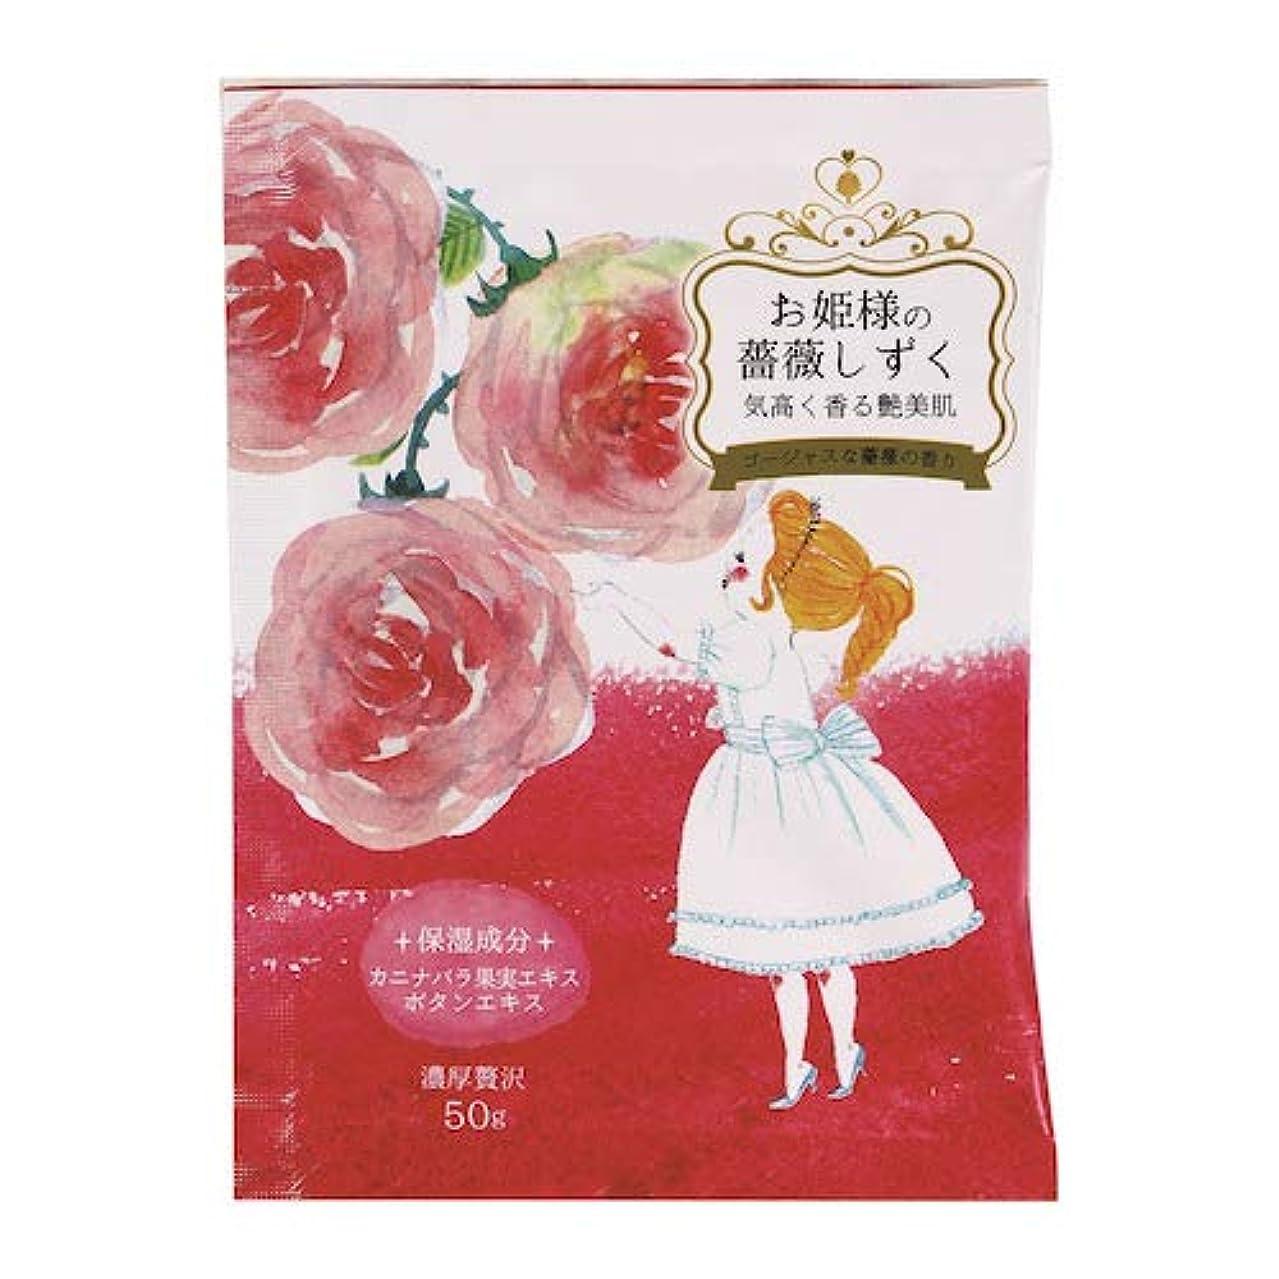 番目発音するかなりの紀陽除虫菊 お姫様の薔薇しずく 50g